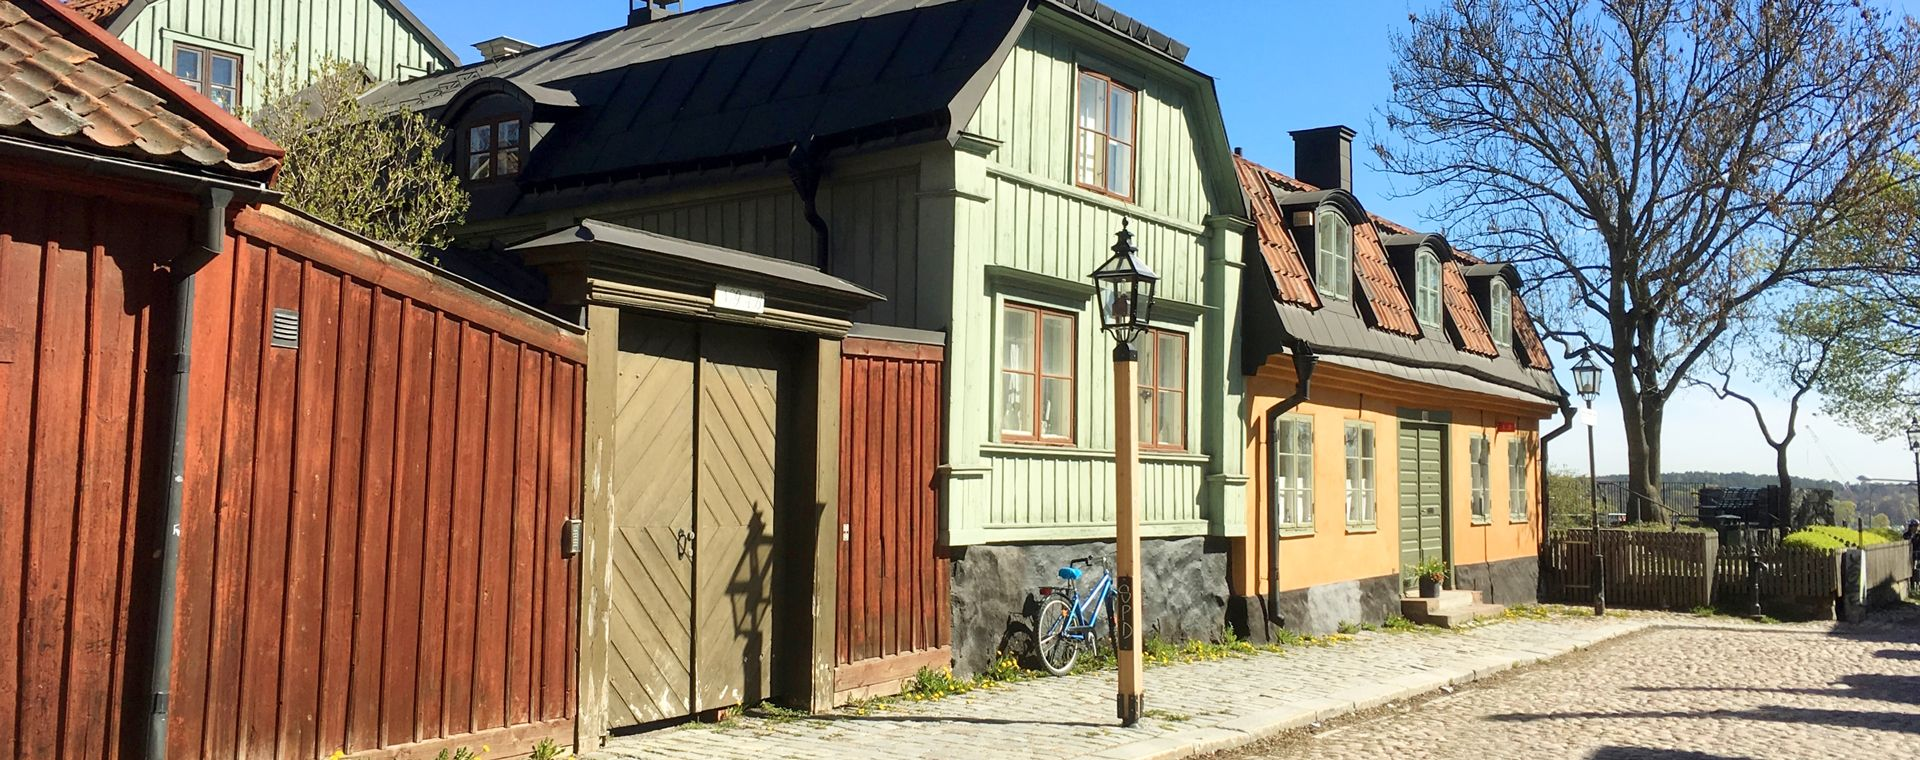 Image L'Archipel de Stockholm